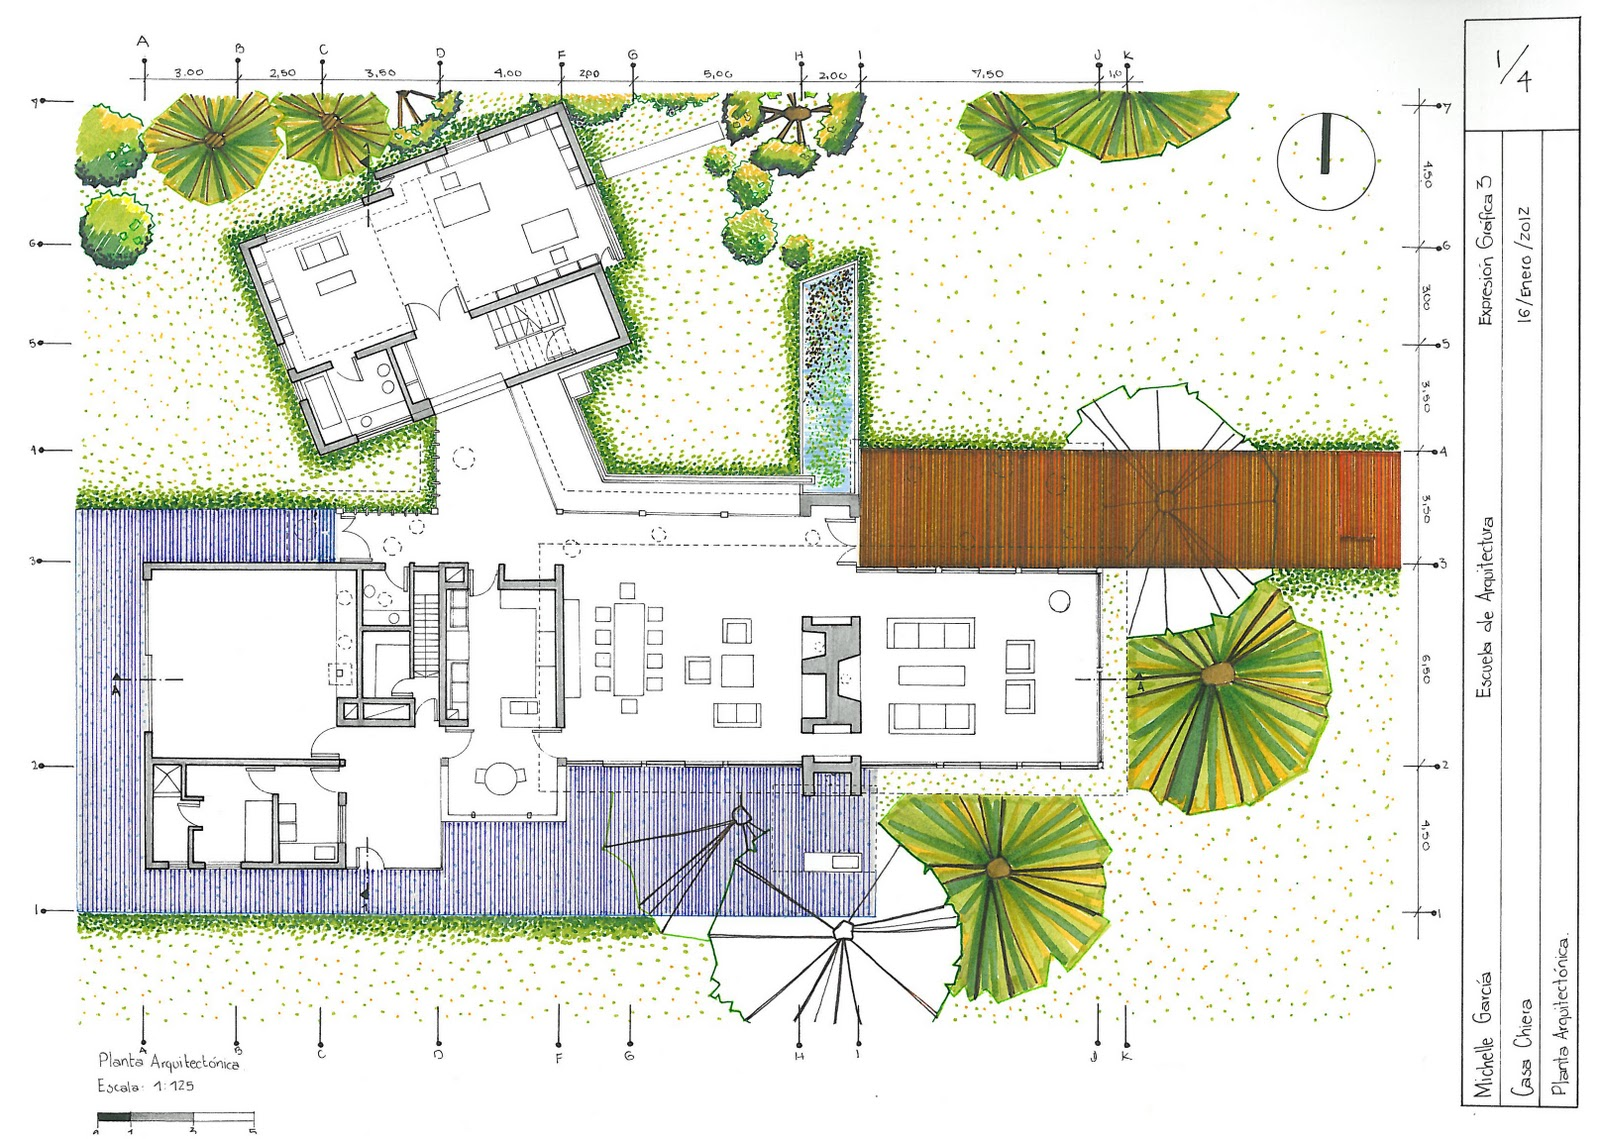 Arquitectura uda expresion y representacion grafica 3b for Representacion grafica de planos arquitectonicos